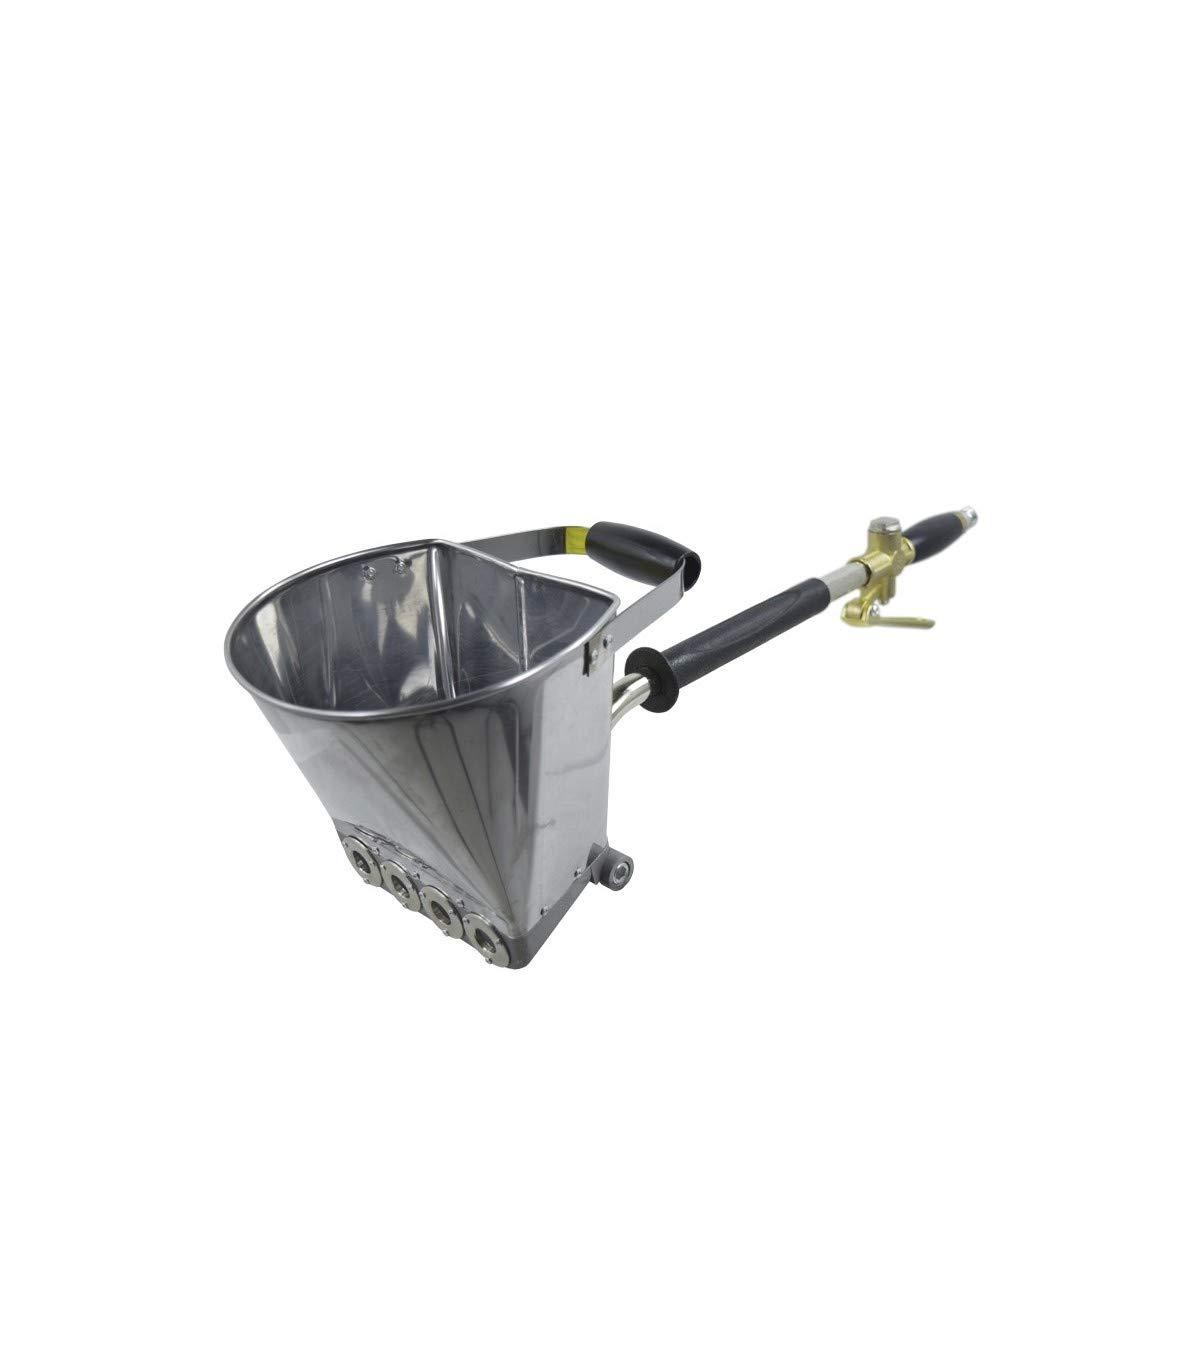 Máquina revocadora para proyectar cemento y mortero: Amazon.es ...